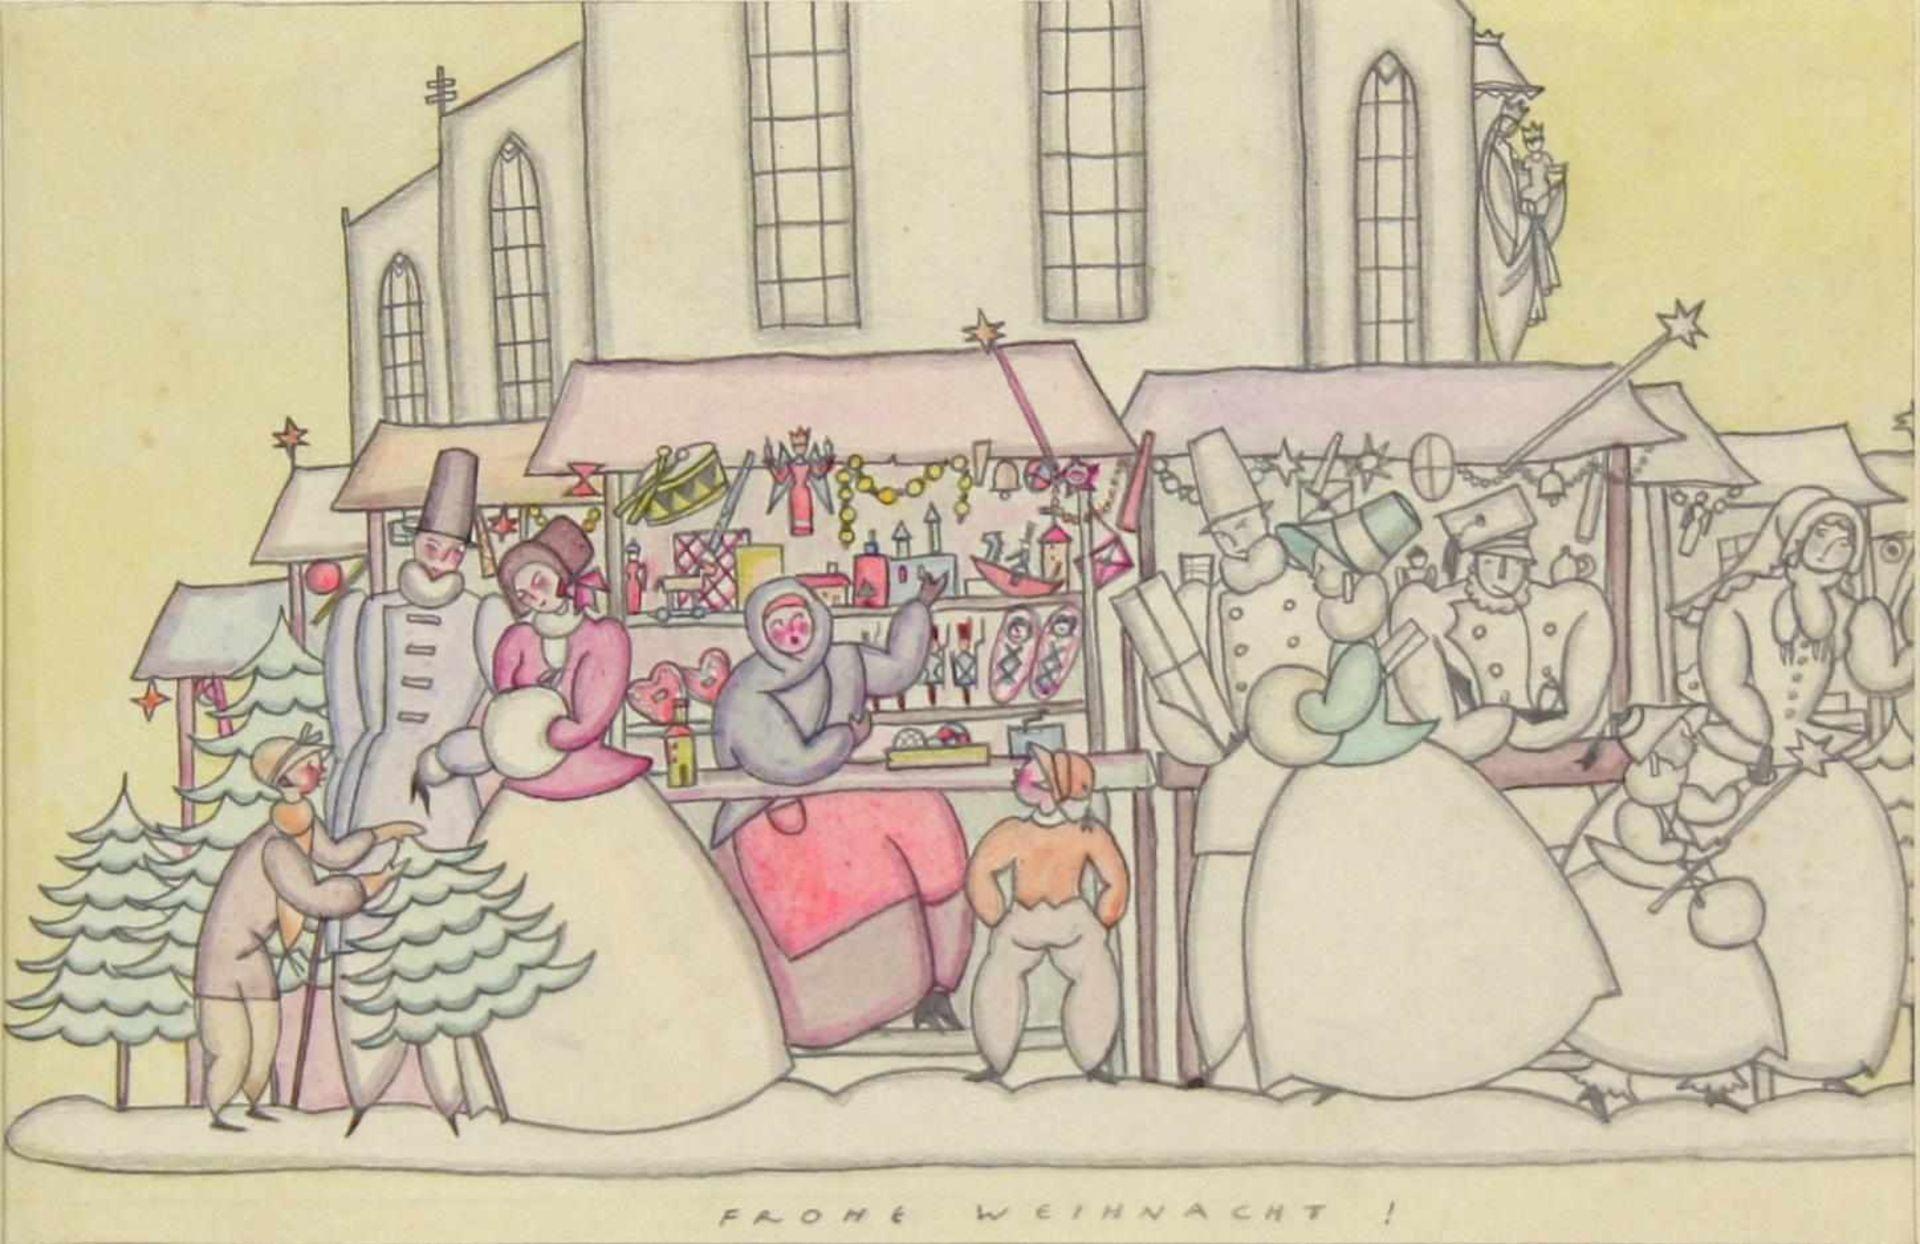 Grete Jelinek-Wiglitzki Weihnachtsmarkt um 1930 Graphit und Farbstift betitelt 14,5 x 24 cm